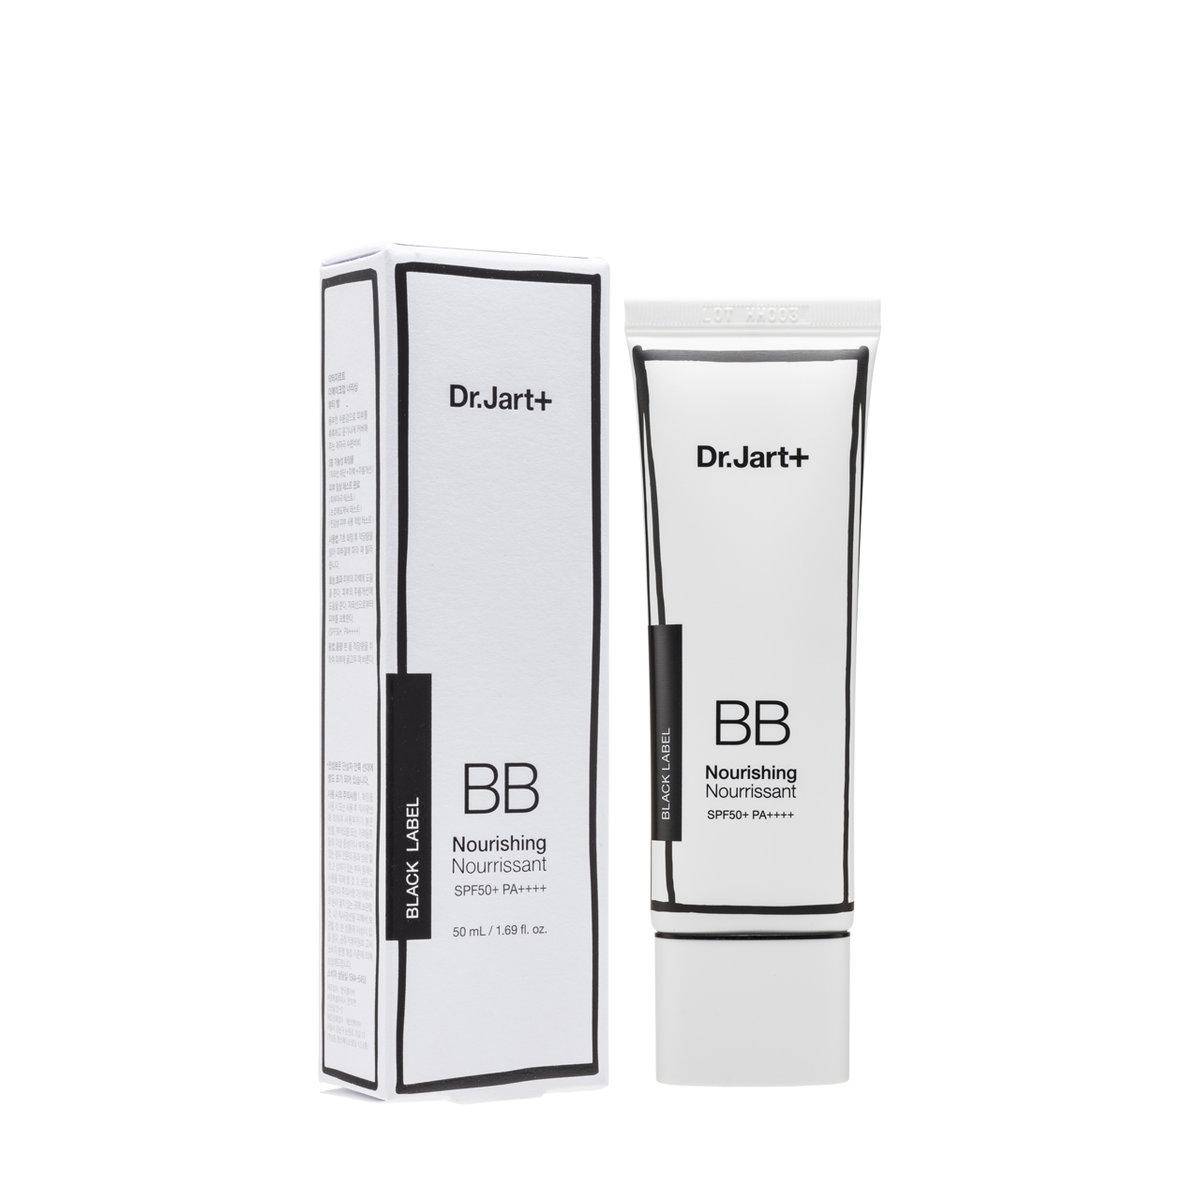 Dermakeup Nourishing Beauty Balm SPF50 PA++++ (#BLACK LABEL) (50ml)